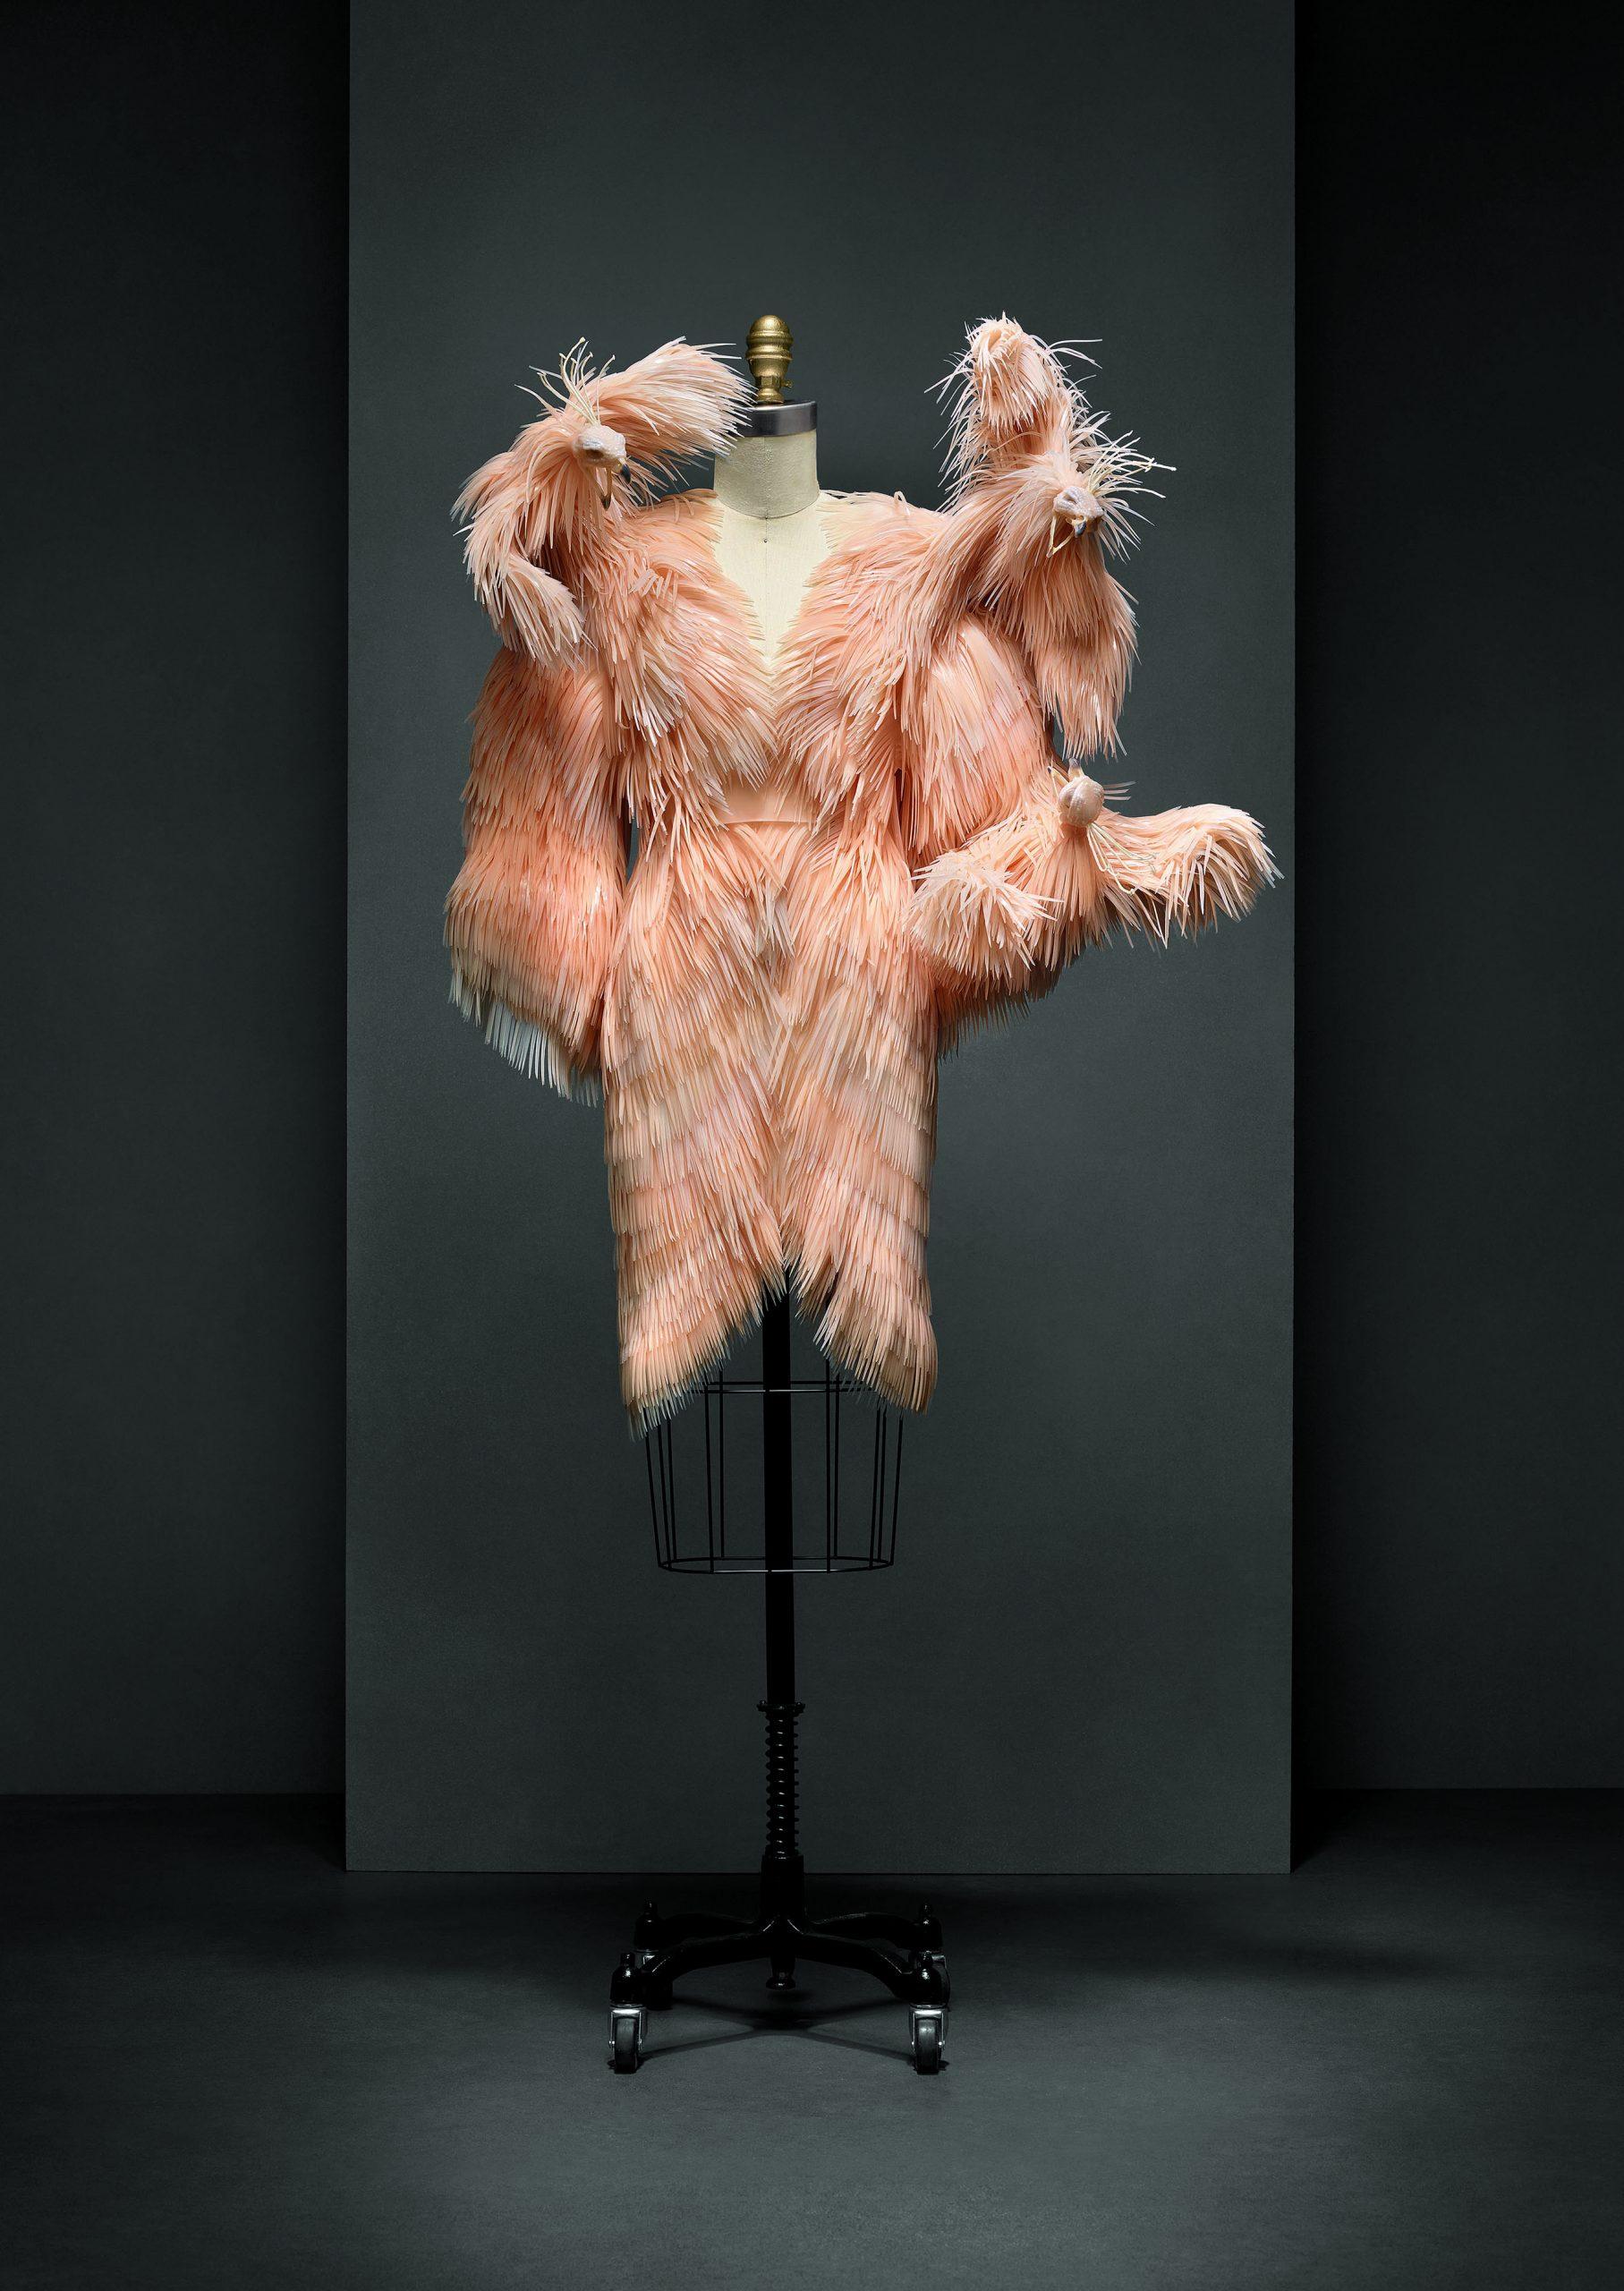 Vestido de Iris van Herpen, colección alta costura Otoño-Invierno 2013-14.